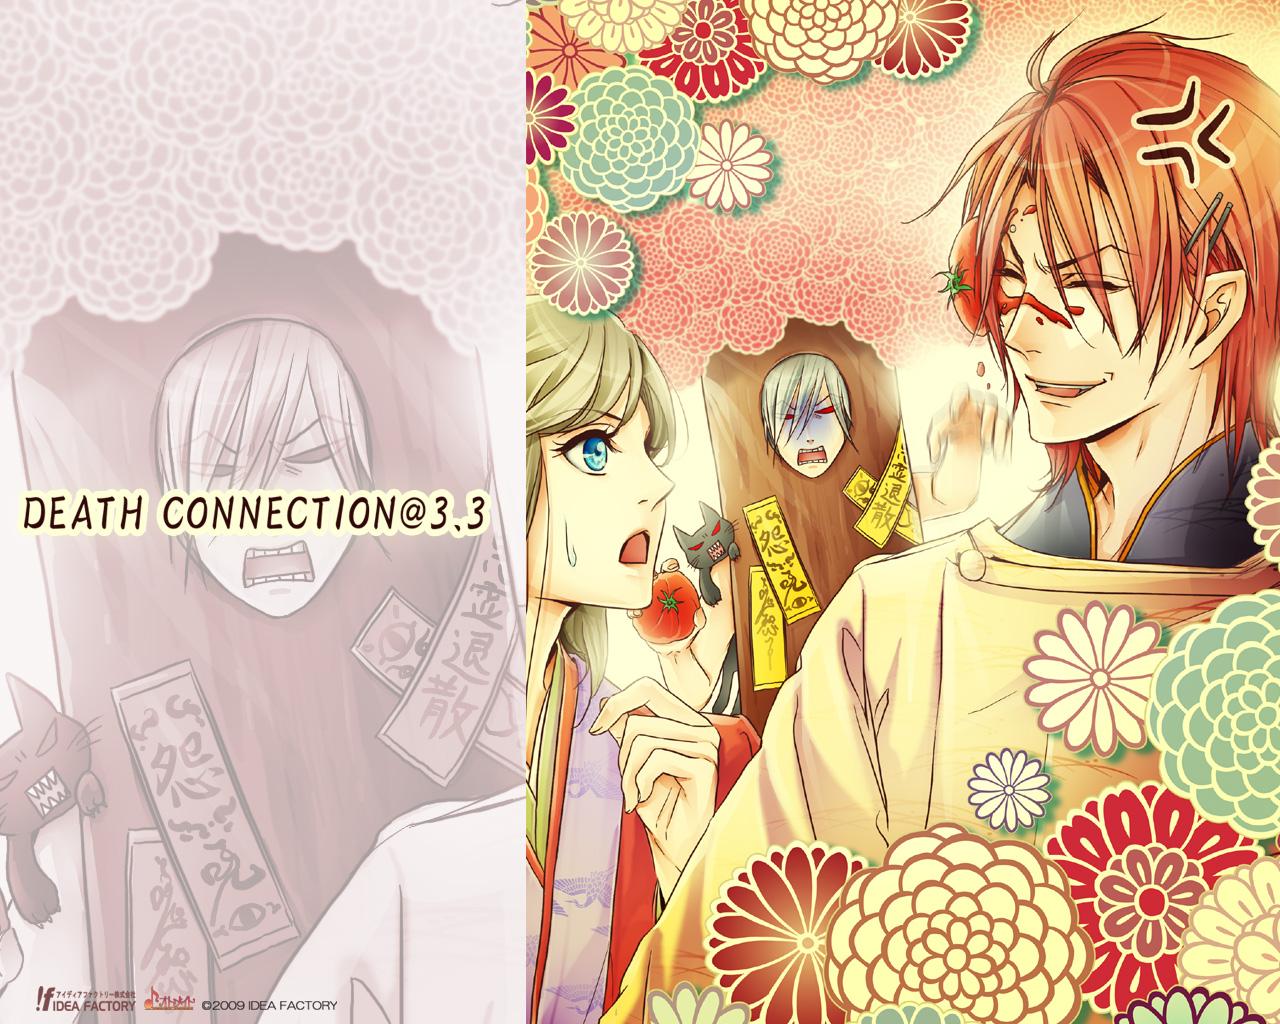 http://blog.otomate.jp/staffblog/pic/00001787.jpg